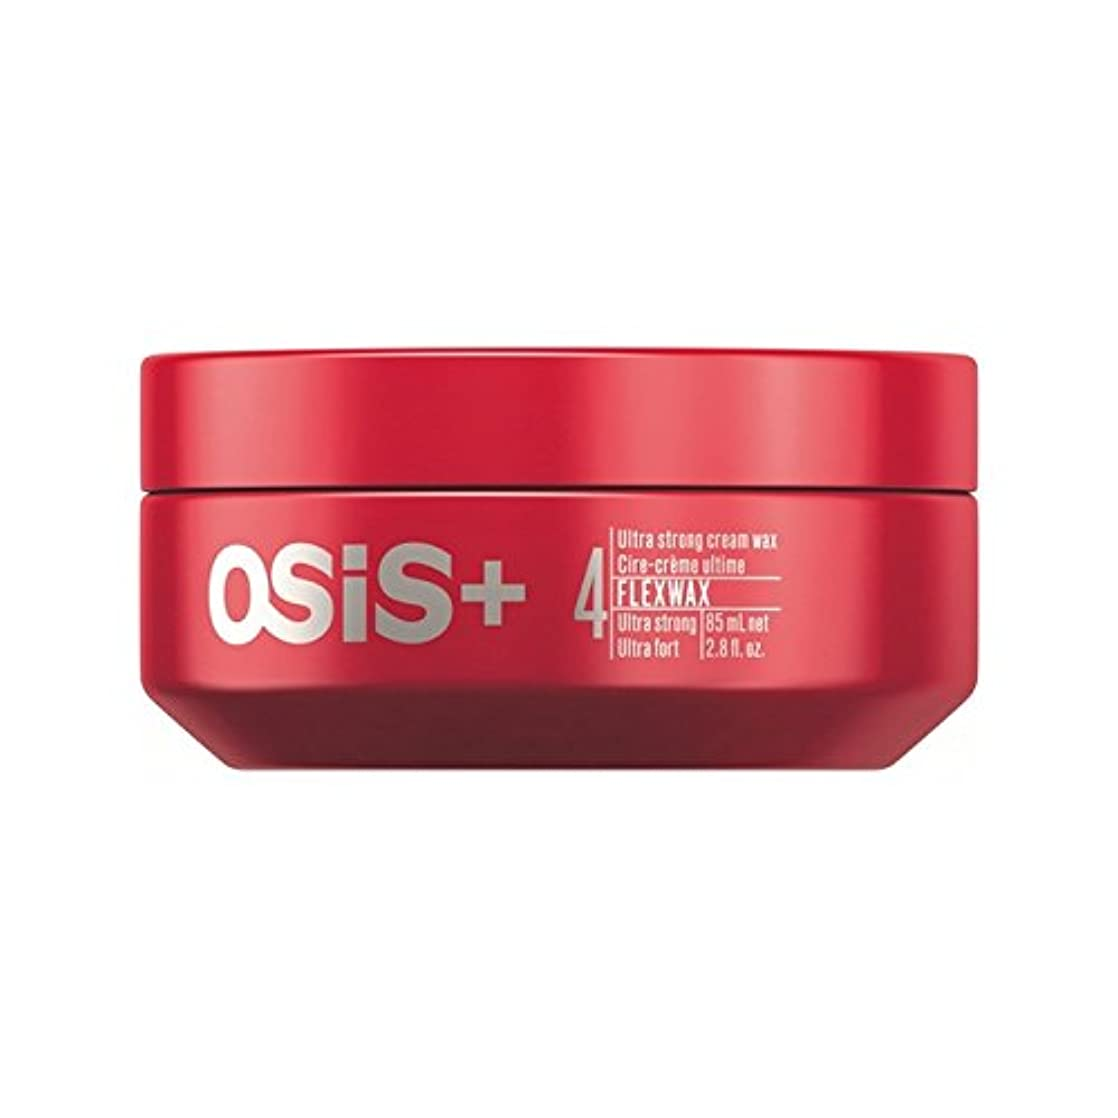 教育学ペストリー武装解除Schwarzkopf Osis Flexwax Ultra Strong Cream Wax (85ml) - シュワルツコフ 超強力なクリームワックス(85ミリリットル) [並行輸入品]